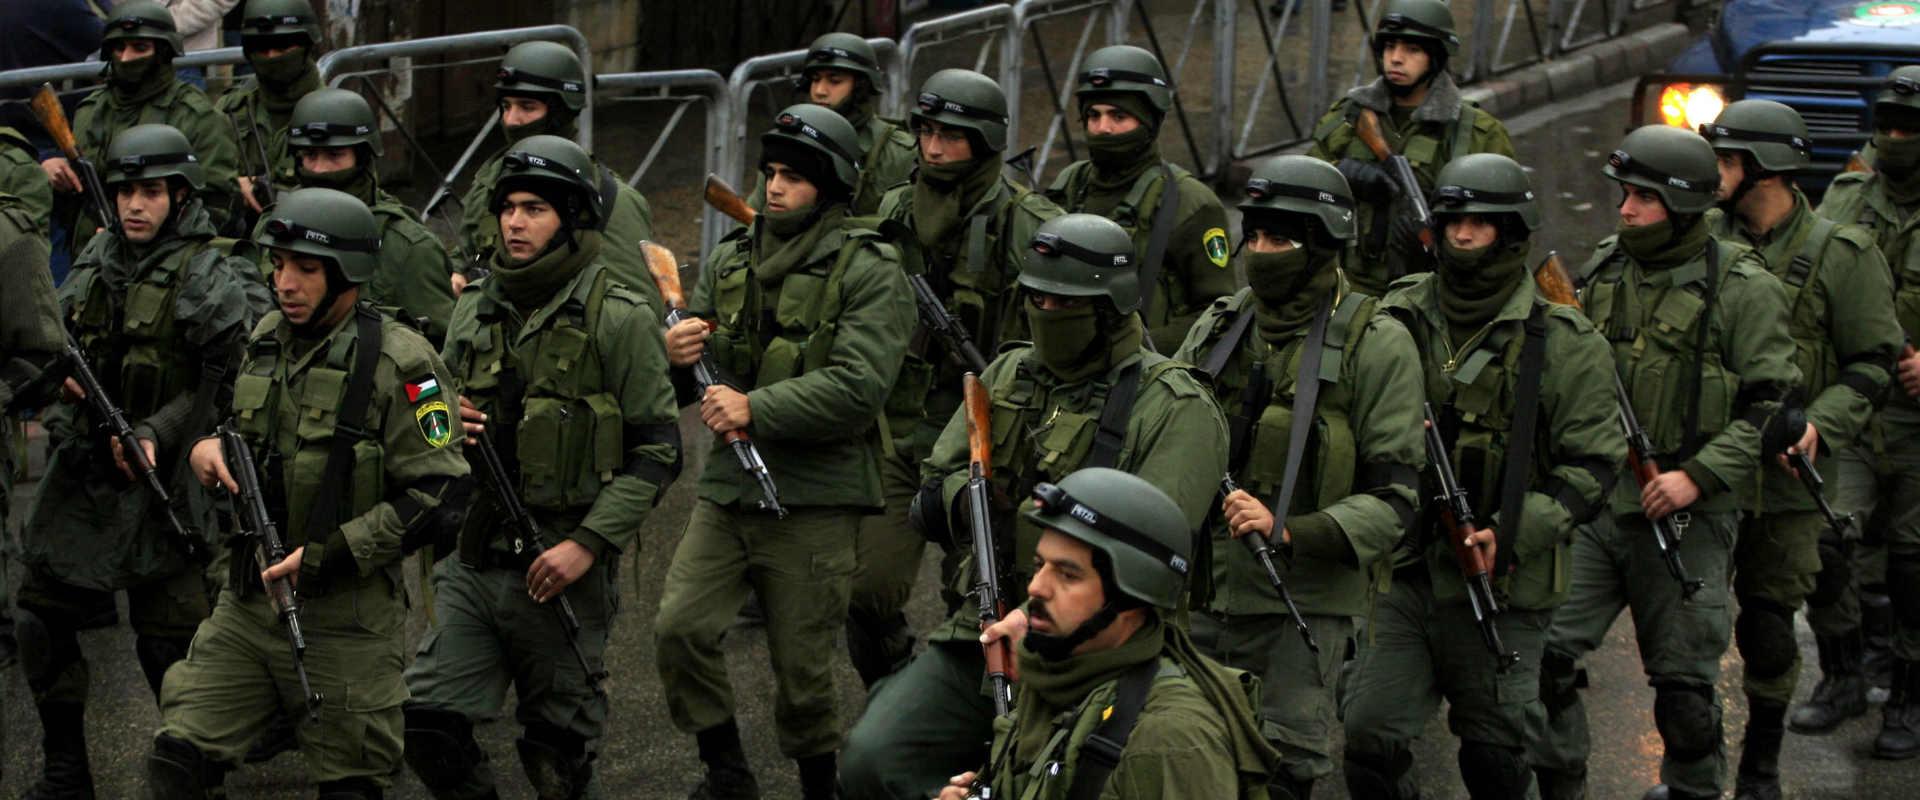 כוחות מנגנוני הביטחון הפלסטיניים